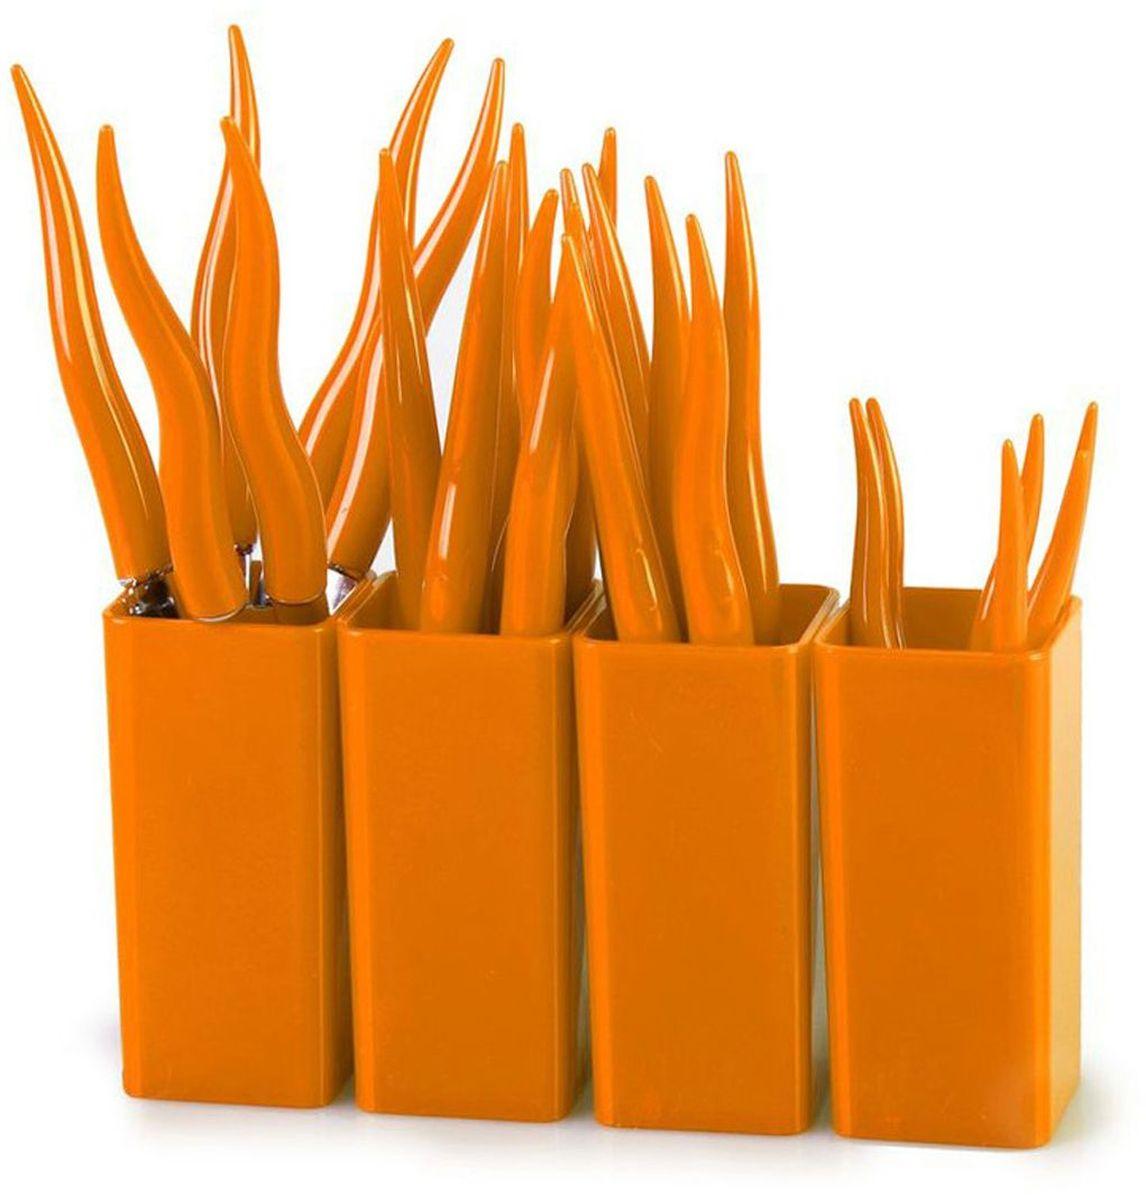 Набор столовых приборов MoulinVilla Chili, цвет: оранжевый, 24 предмета115010Набор MOULINvilla Chili состоит из 6 вилок, 6 ножей, 6 столовых ложек, 6 чайных ложек, 4 подставок, выполненных из нержавеющей стали. Рукоятки столовых приборов изготовлены из высокопрочного пластика. Сервировка праздничного стола таким набором станет великолепным украшением любого торжества.